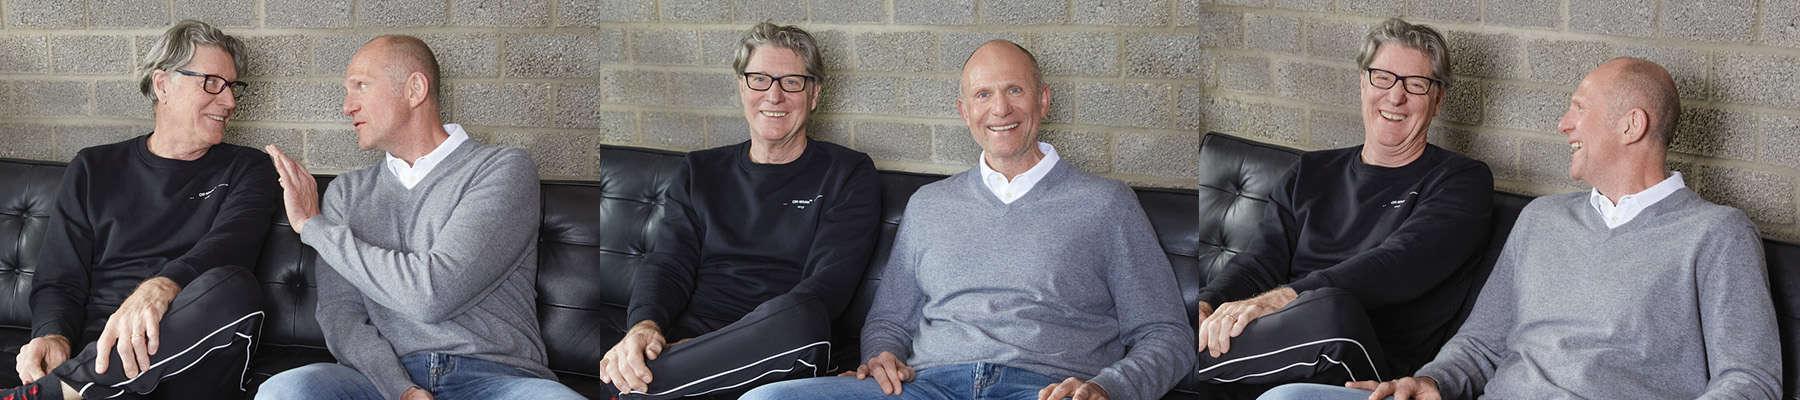 WIR-Podcast Gastgeber Prof. Dr. Dieter Müller mit Gast Toni Schumacher